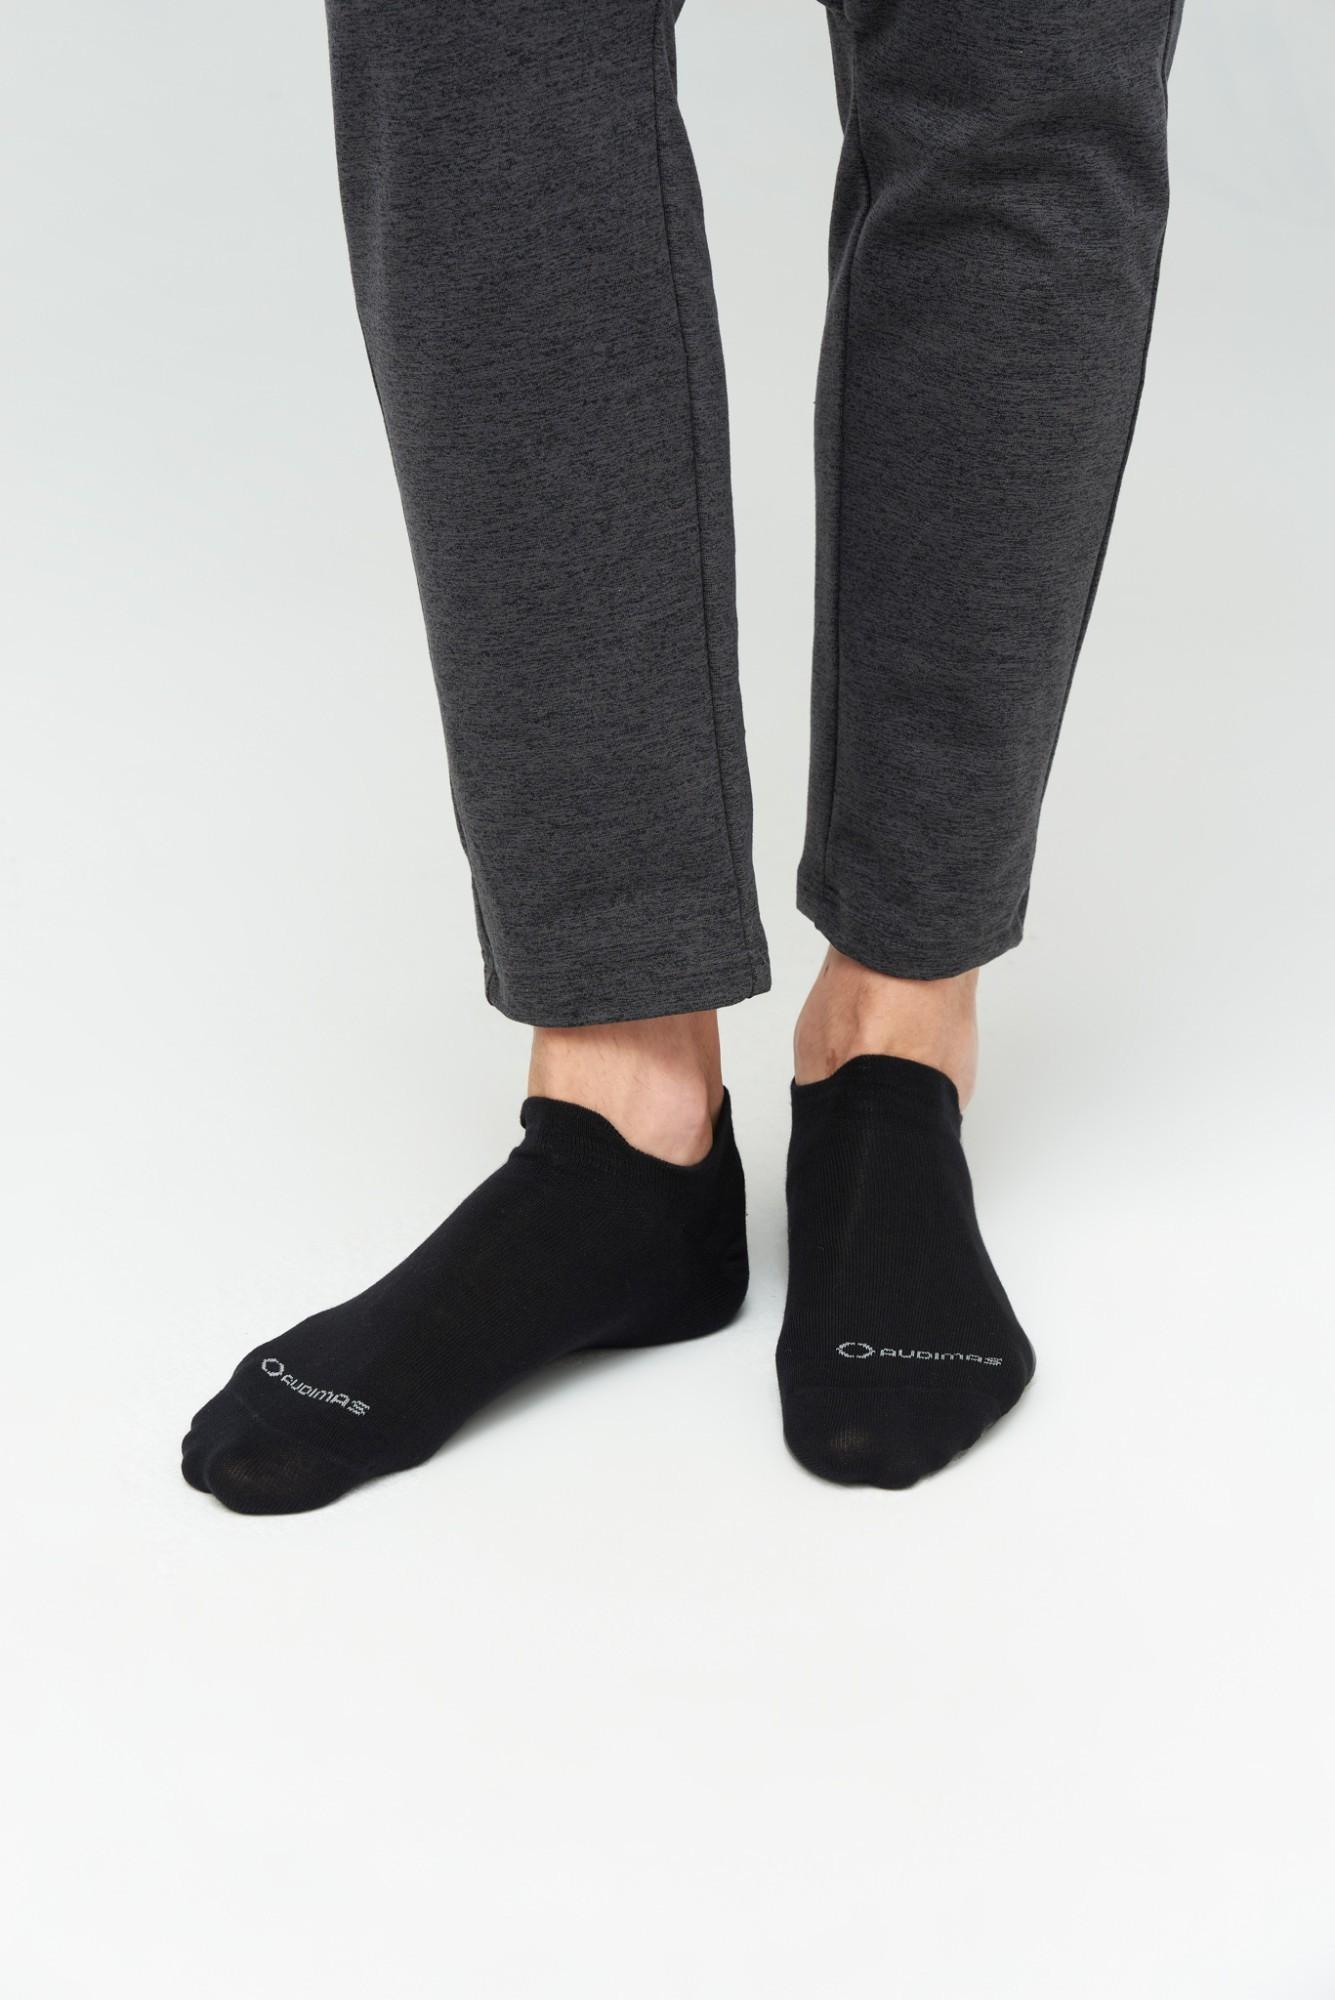 AUDIMAS Trumpos medvilnės pluošto kojinės 1-01-54 Black/Grey 38-40